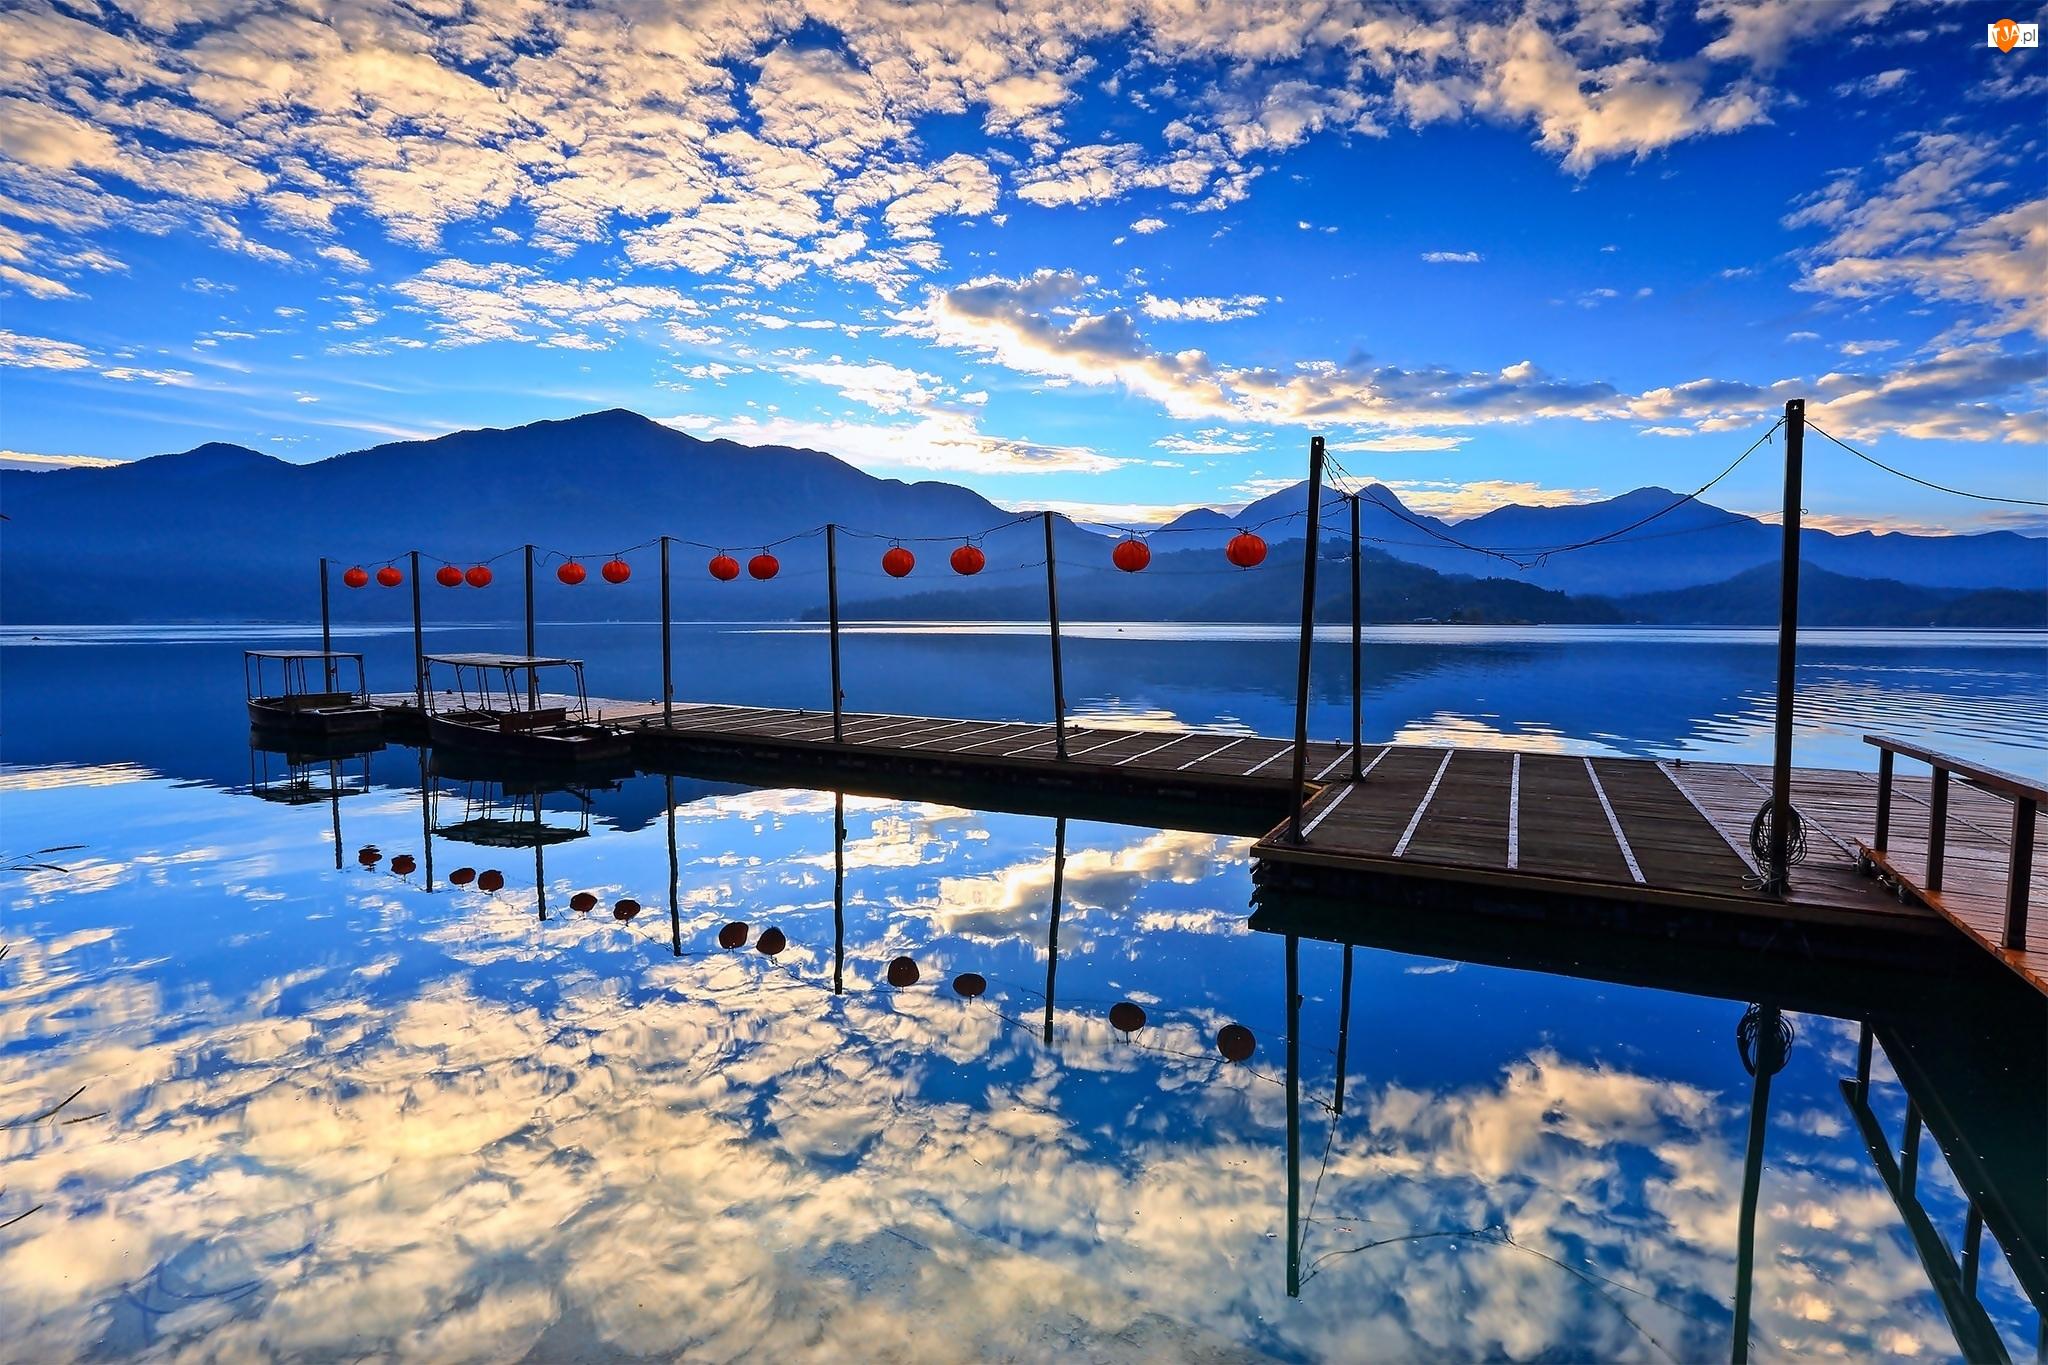 Zachód, Molo, Góry, Jezioro, Słońca, Chmury, Łódki